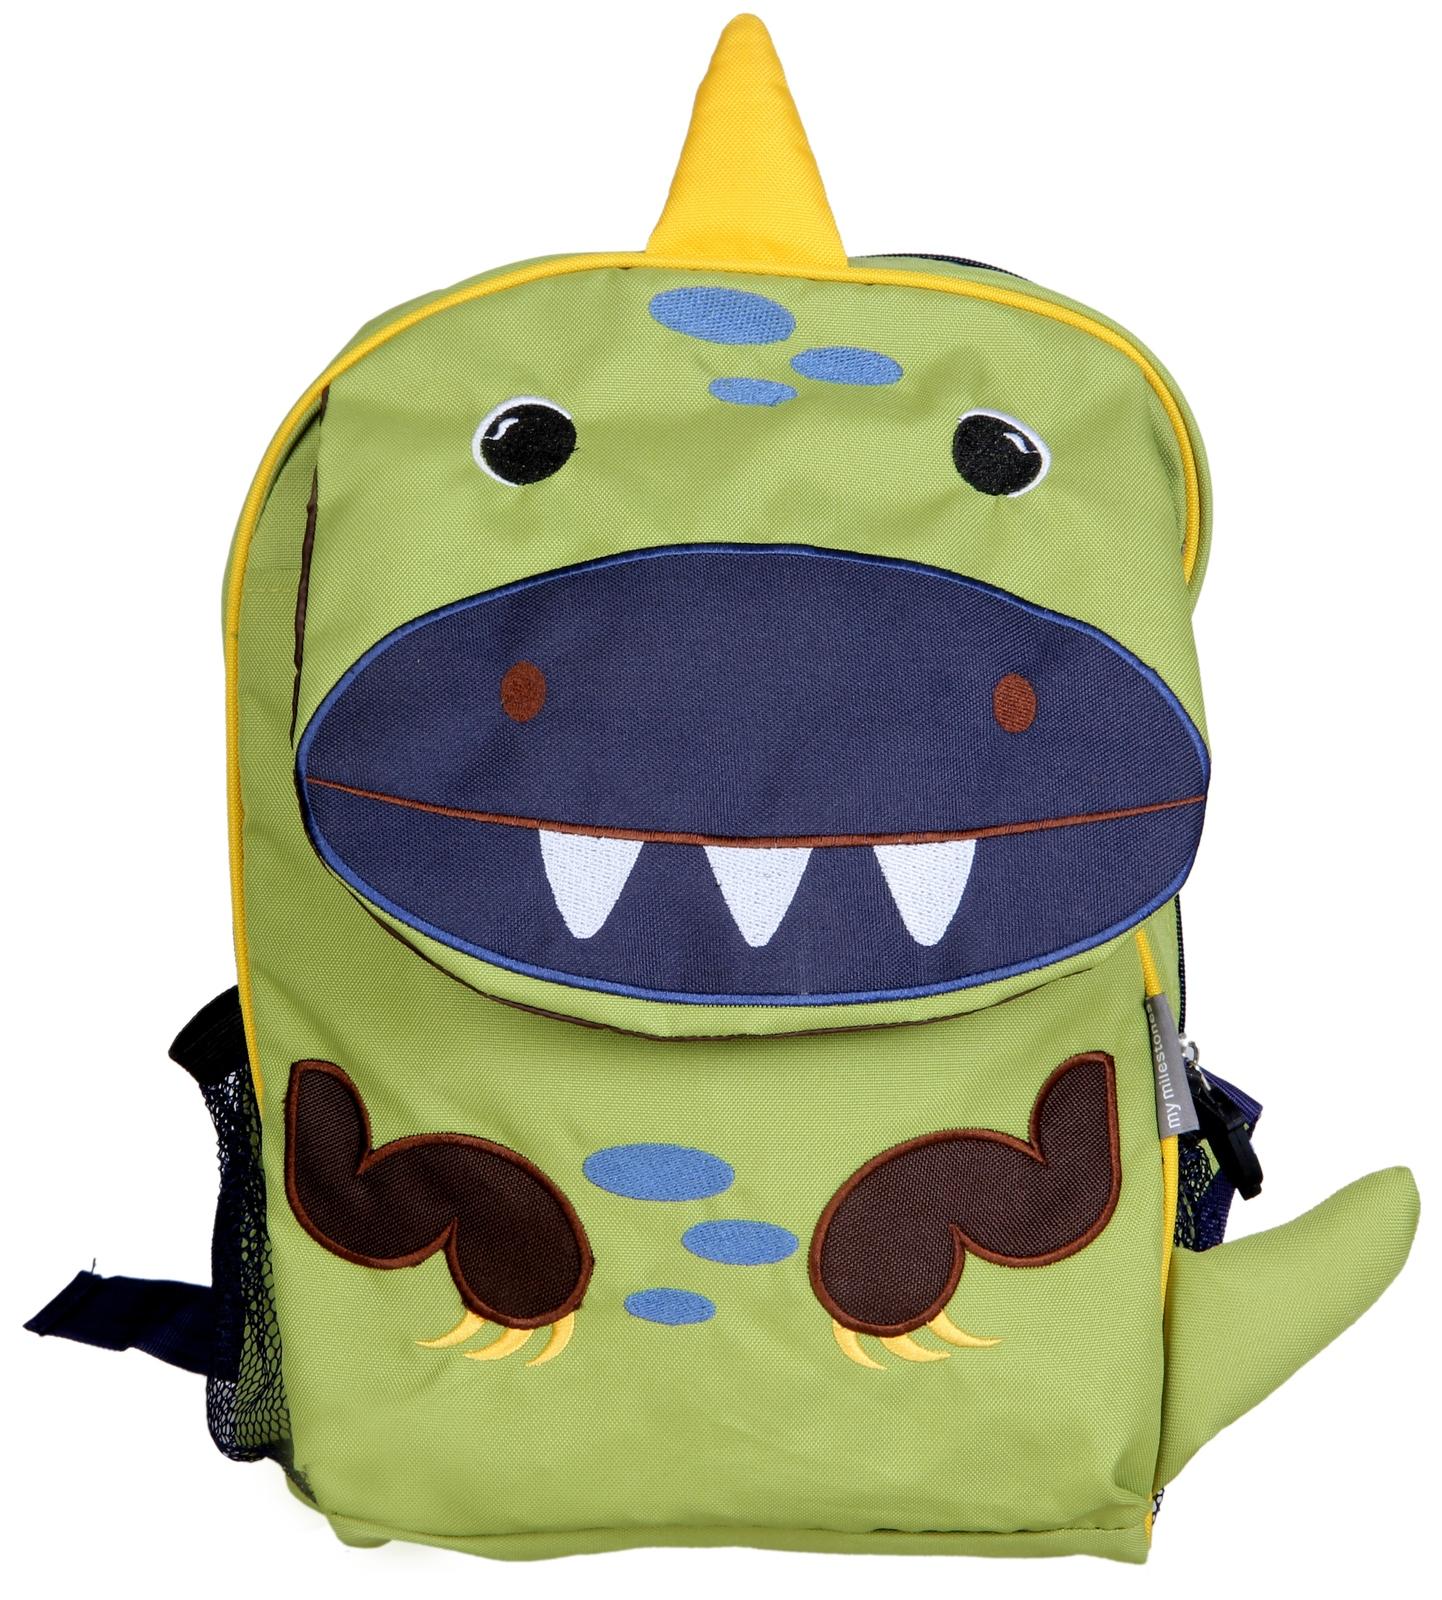 My milestones kids backpack   dino 856167003909  1